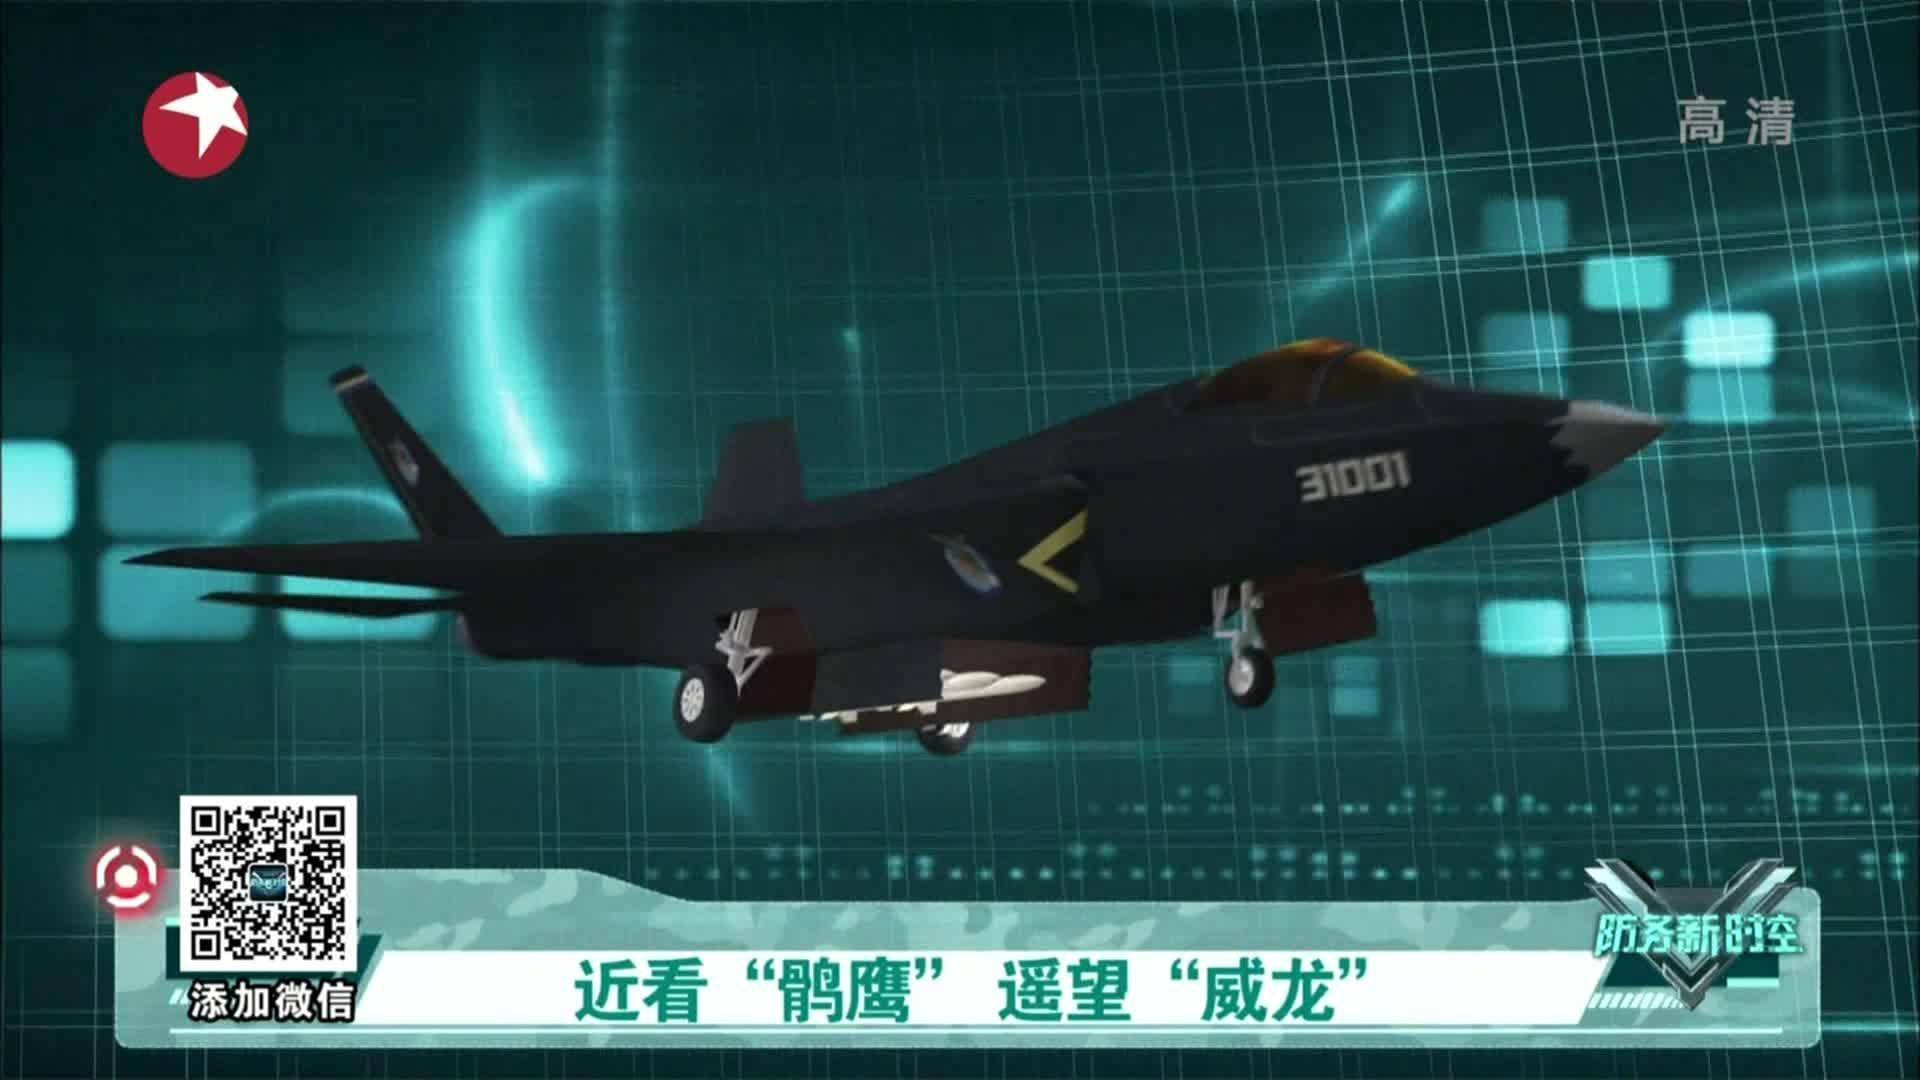 2014中国航展特别节目(二)